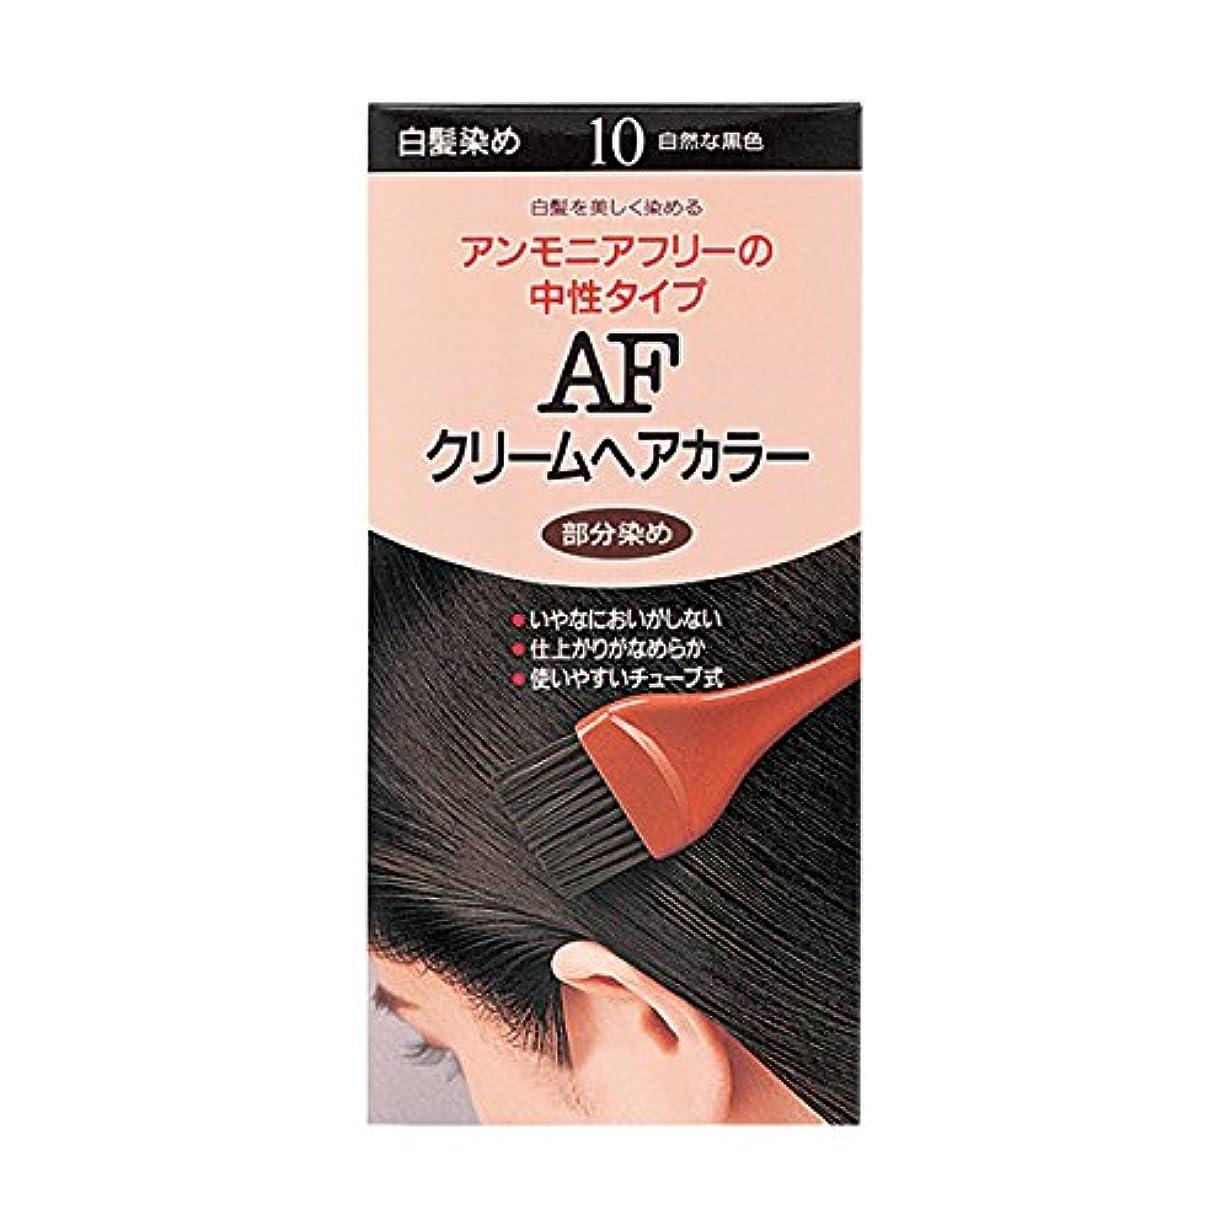 必要としているびっくりしたエイズヘアカラー AFクリームヘアカラー 10 【医薬部外品】